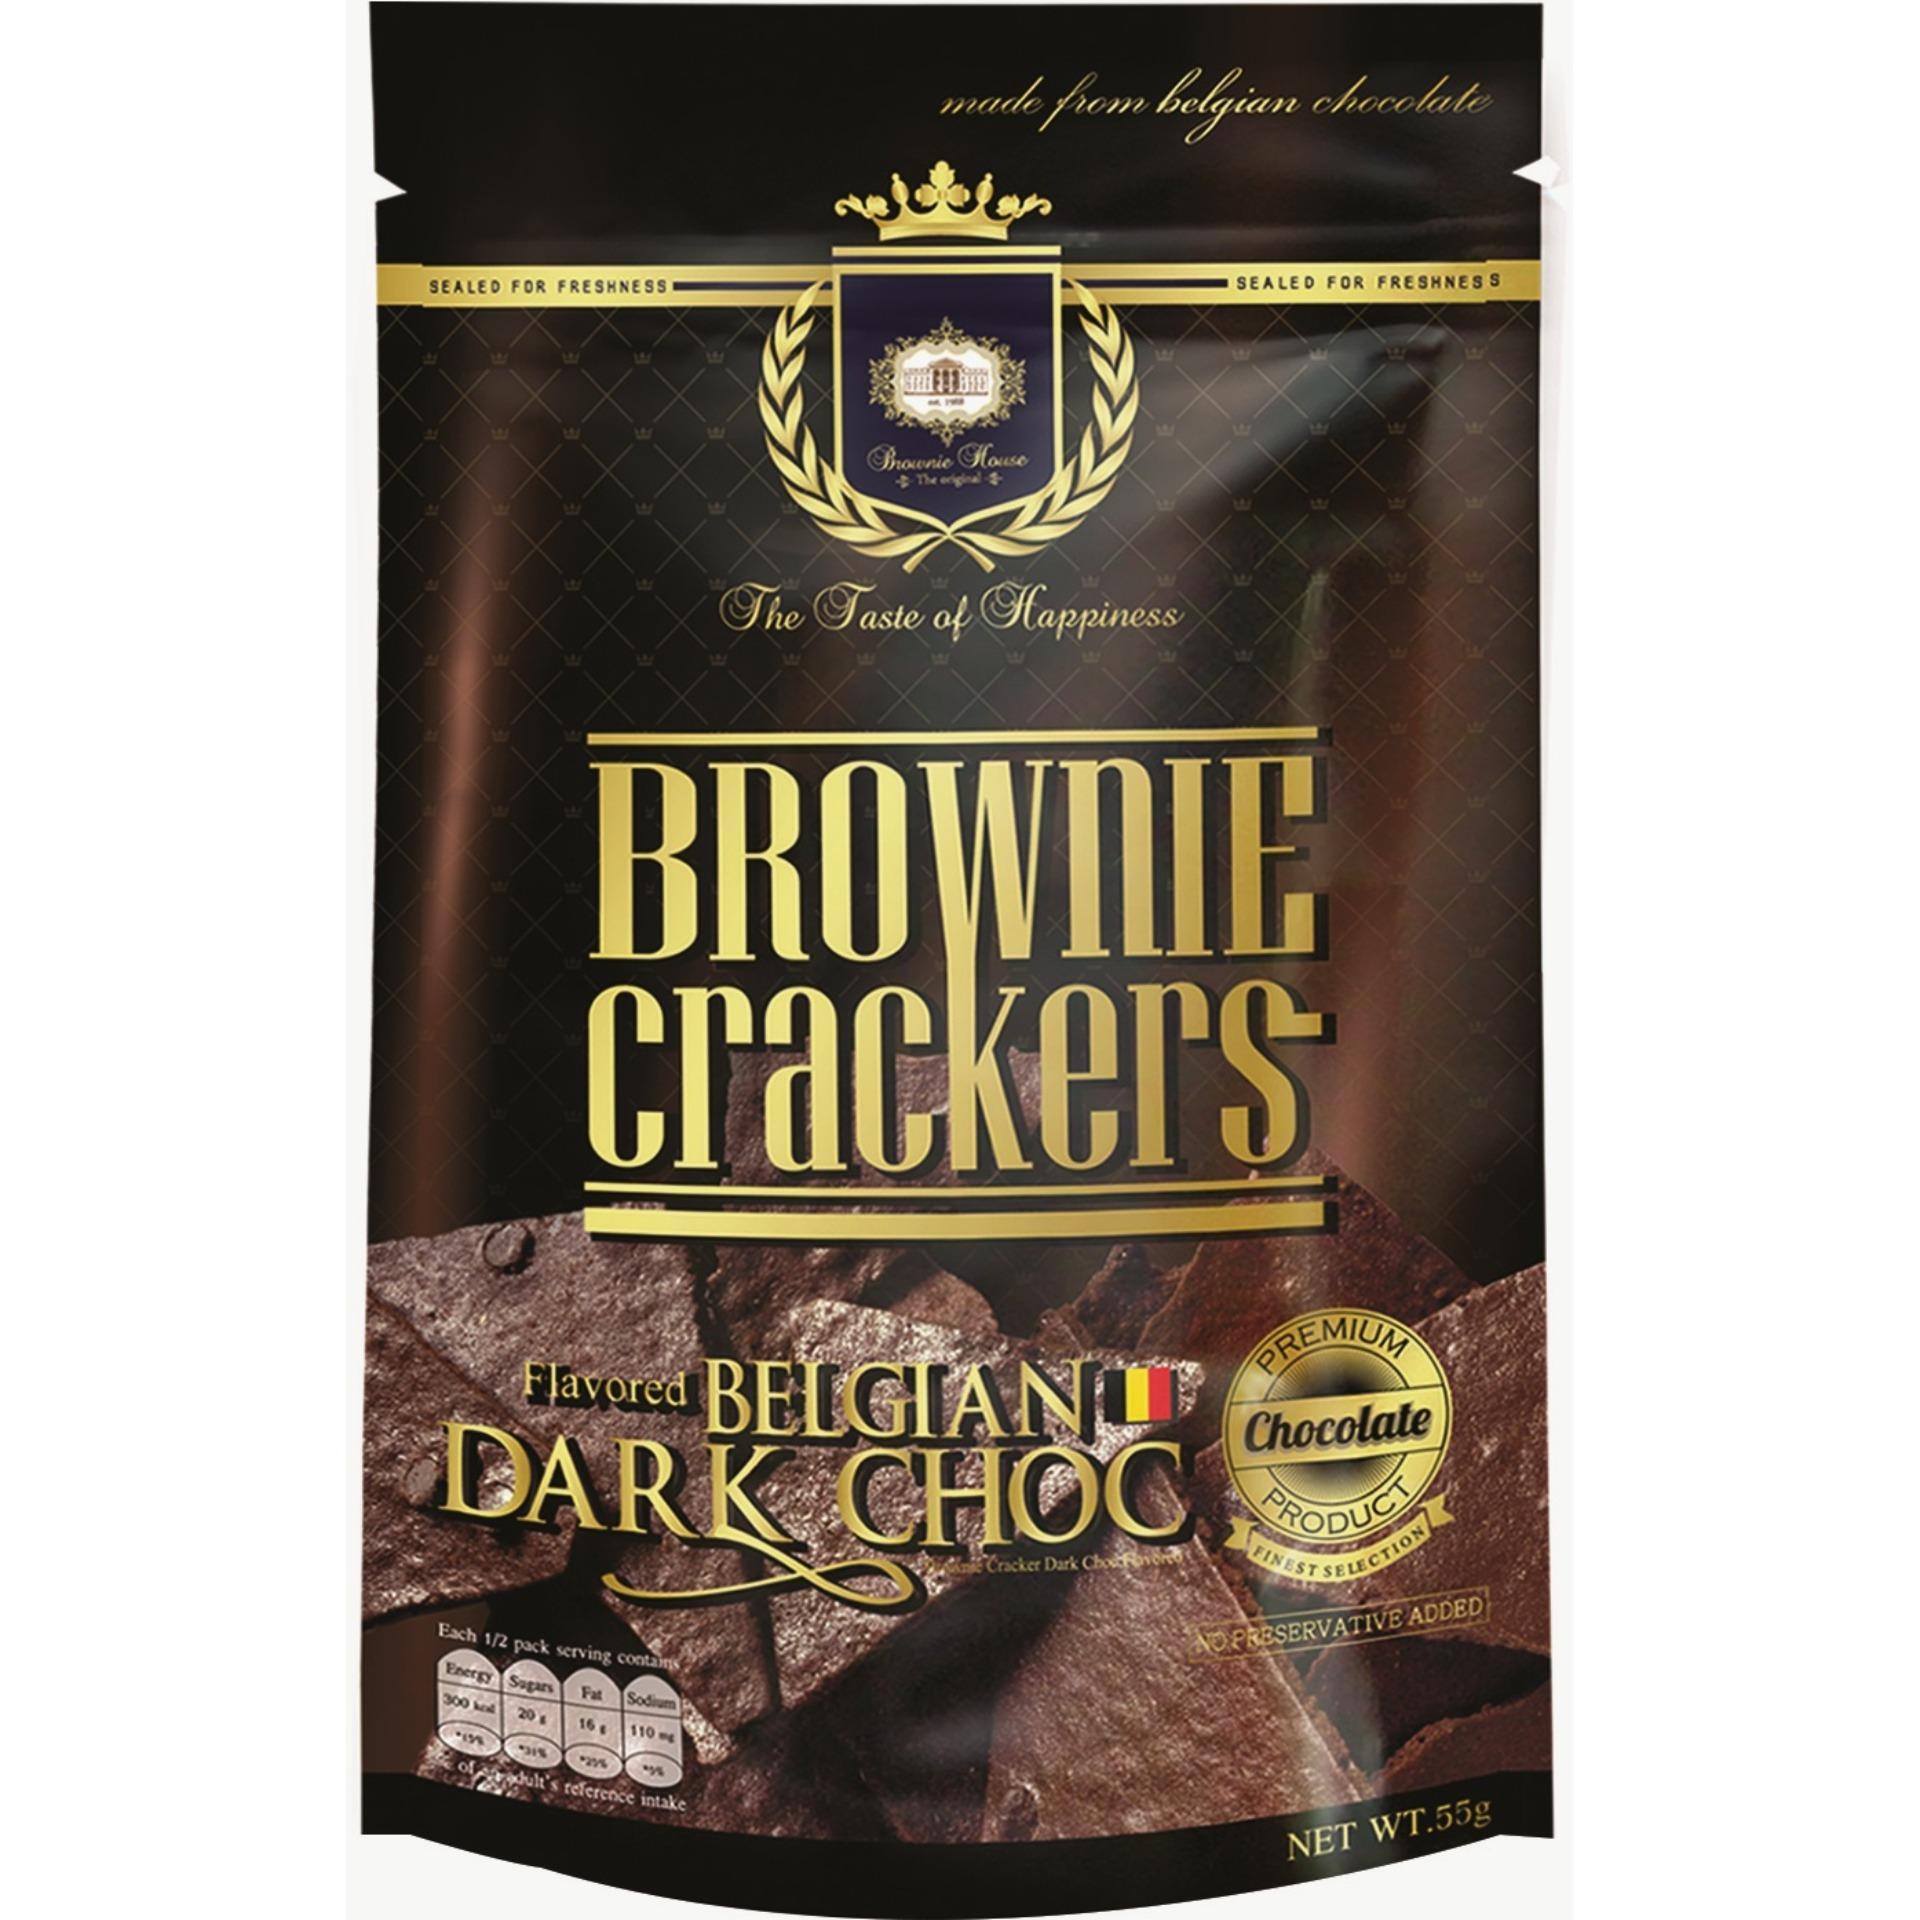 Brownie Crackers 55g X 5packs Bundle (belgian Dark Chocolate) - Brownie House The Original By Nomlah Trading.